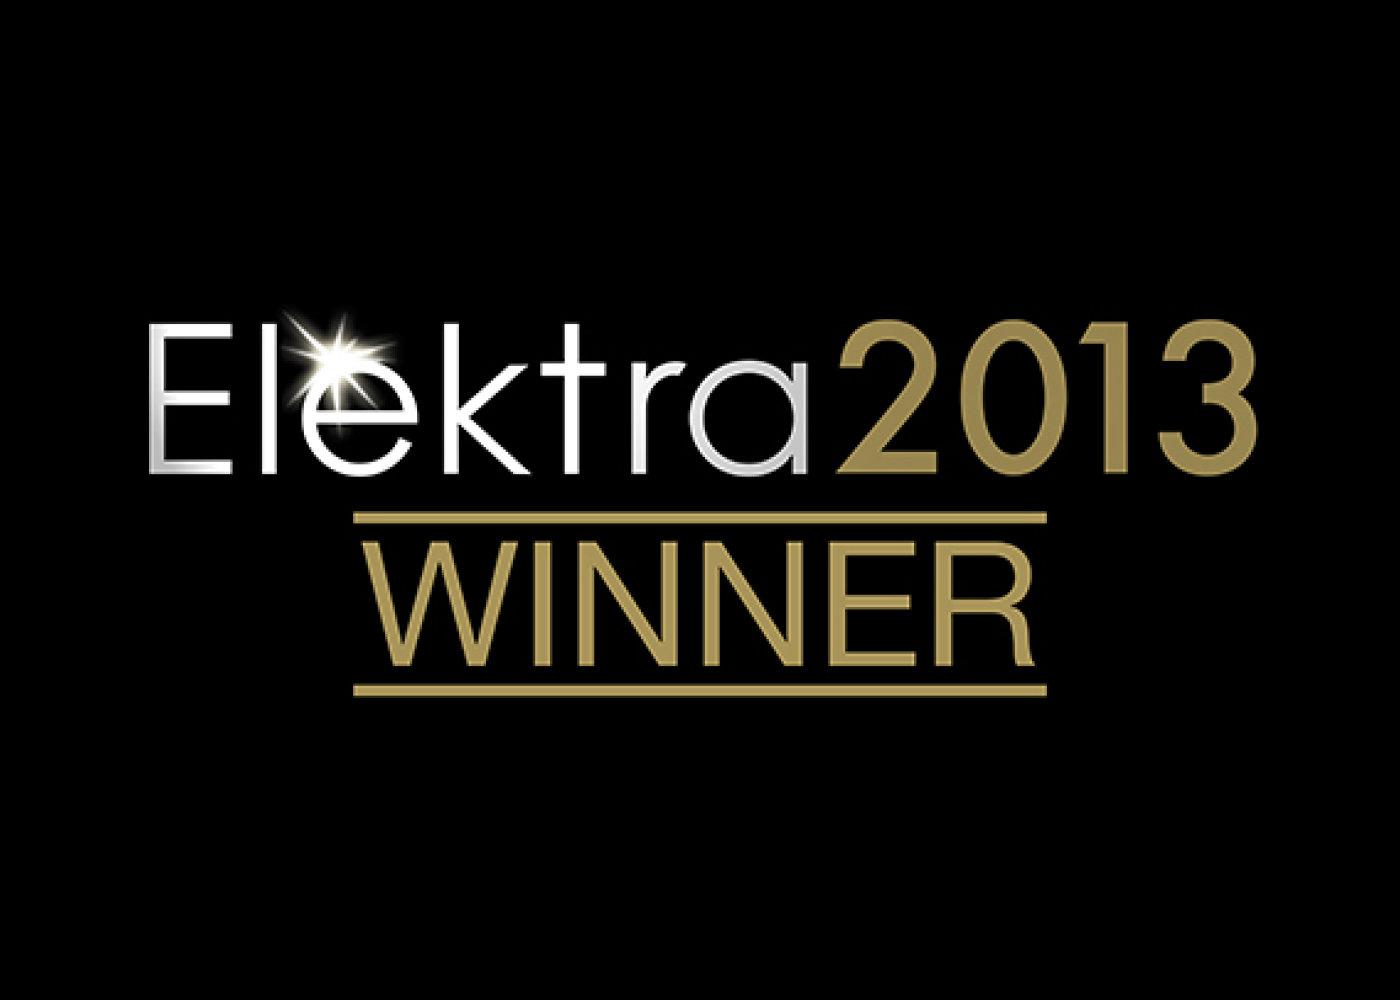 Elektra Awards 2013 winner logo